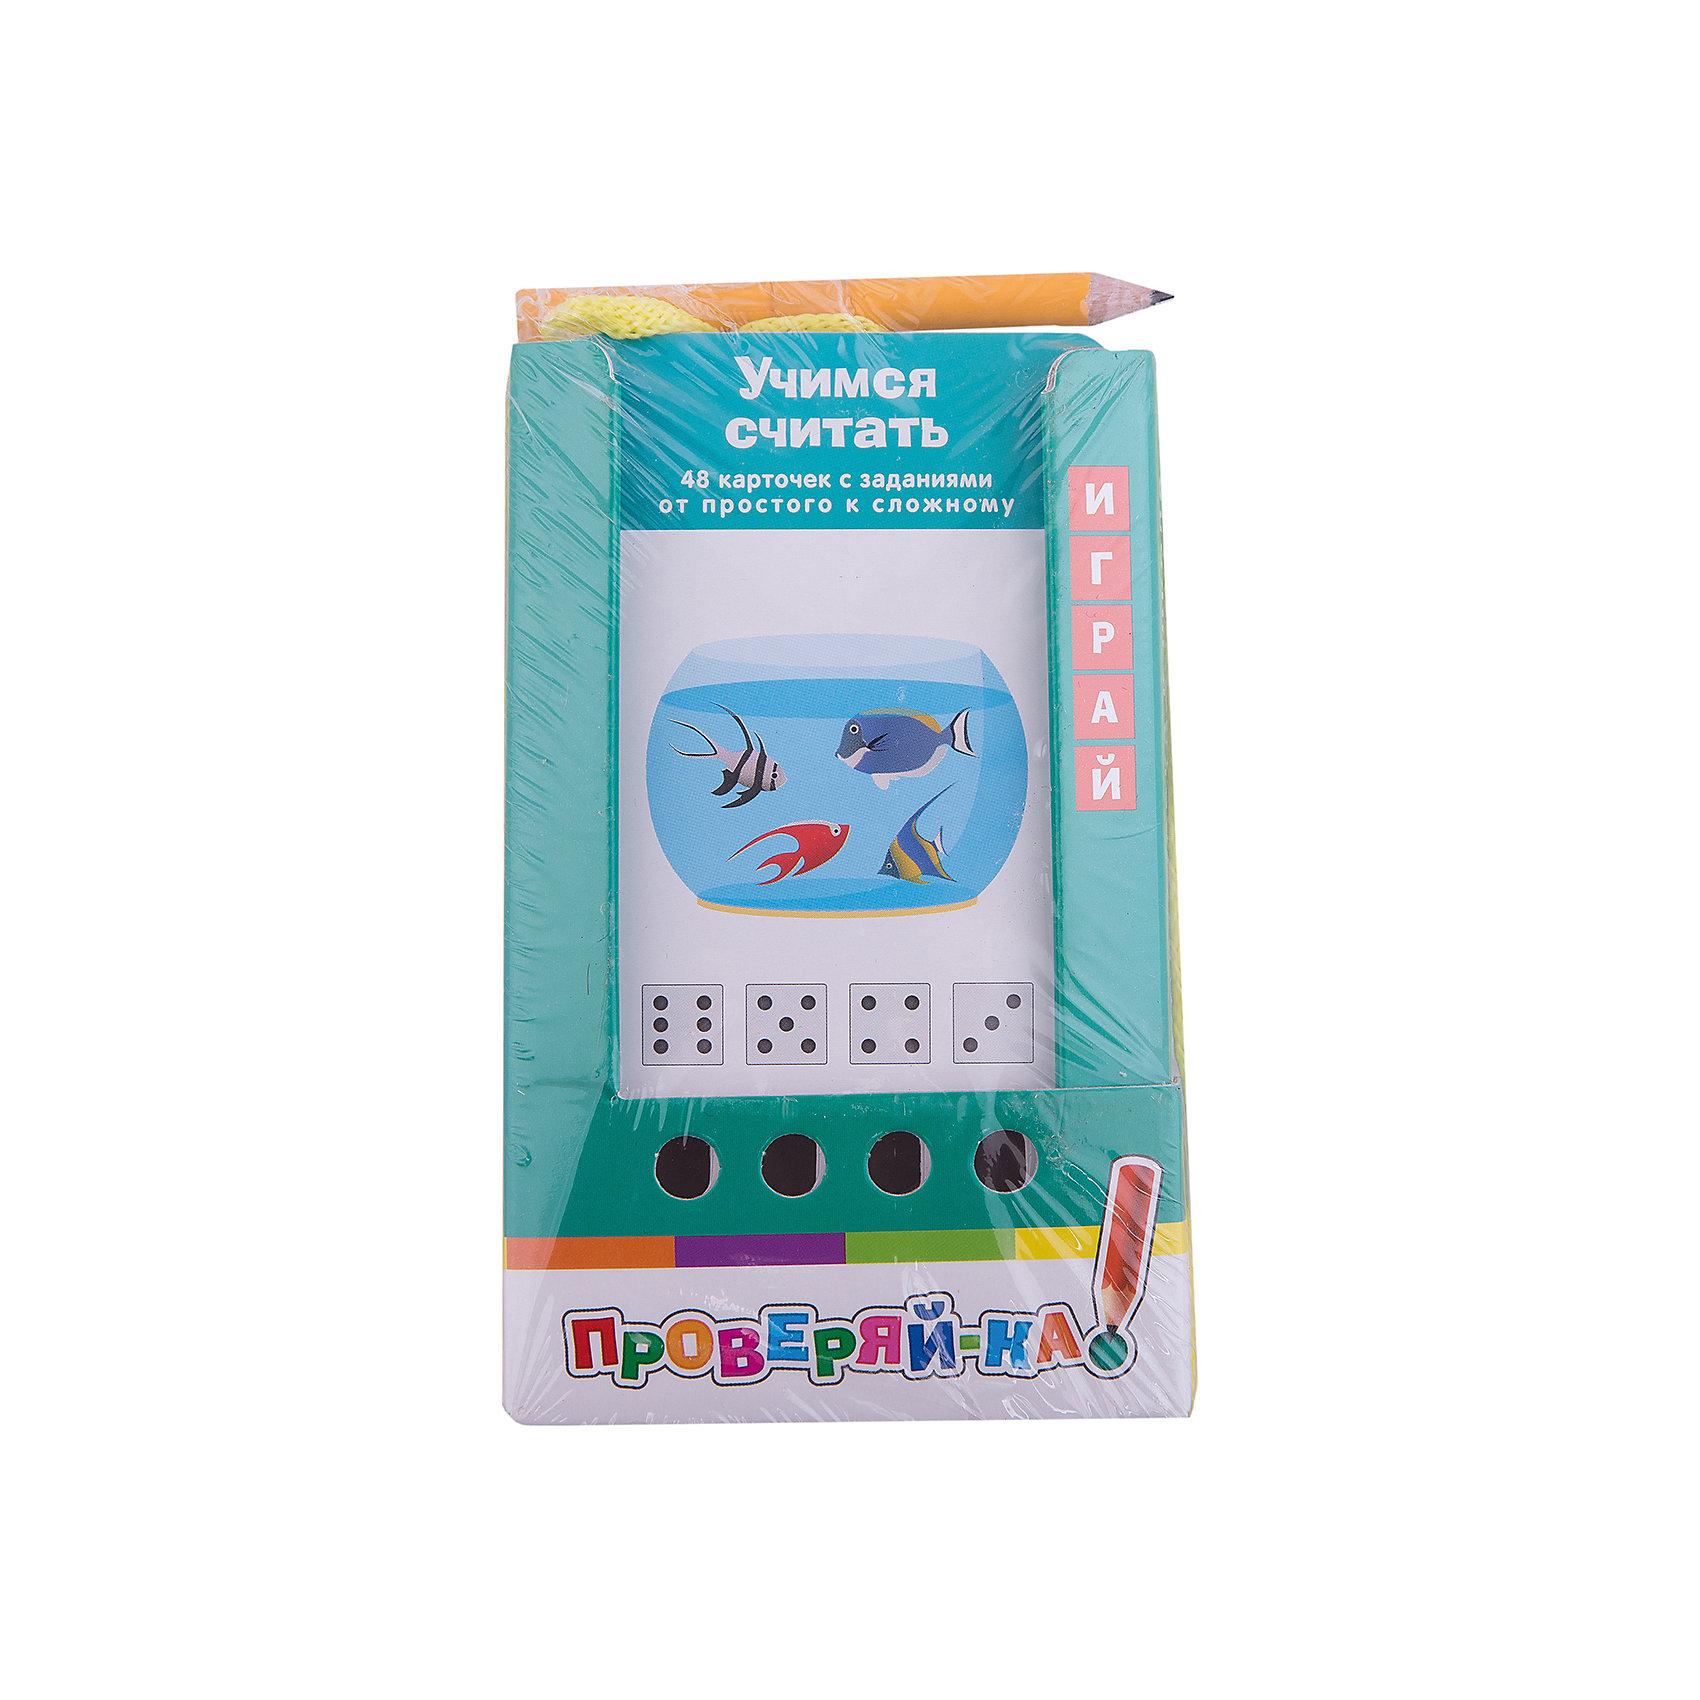 English: Проверяй-ка: Учимся считать, Куликова Е.Н.Иностранный язык<br>Комплект состоит из 48 двухсторонних карточек и рассчитан на две разных игры с цветной и чёрно-белой сторонами. Игры-задания на карточках научат ребёнка сравнивать числа, складывать и вычитать в пределах 10, познакомят с порядковым счётом до 20.&#13;<br>Условия игры с карточками подразумевают их многократное использование. Простота и удобство комплекта позволяют организовать игру в школе и дома, а также в транспорте или на природе.&#13;<br>Благодаря игровой форме пособия учебный материал усваивается легче и без принуждения, реализуется безопасное для здоровья ребёнка обучение.<br><br>Ширина мм: 22<br>Глубина мм: 90<br>Высота мм: 140<br>Вес г: 120<br>Возраст от месяцев: 72<br>Возраст до месяцев: 96<br>Пол: Унисекс<br>Возраст: Детский<br>SKU: 6849602